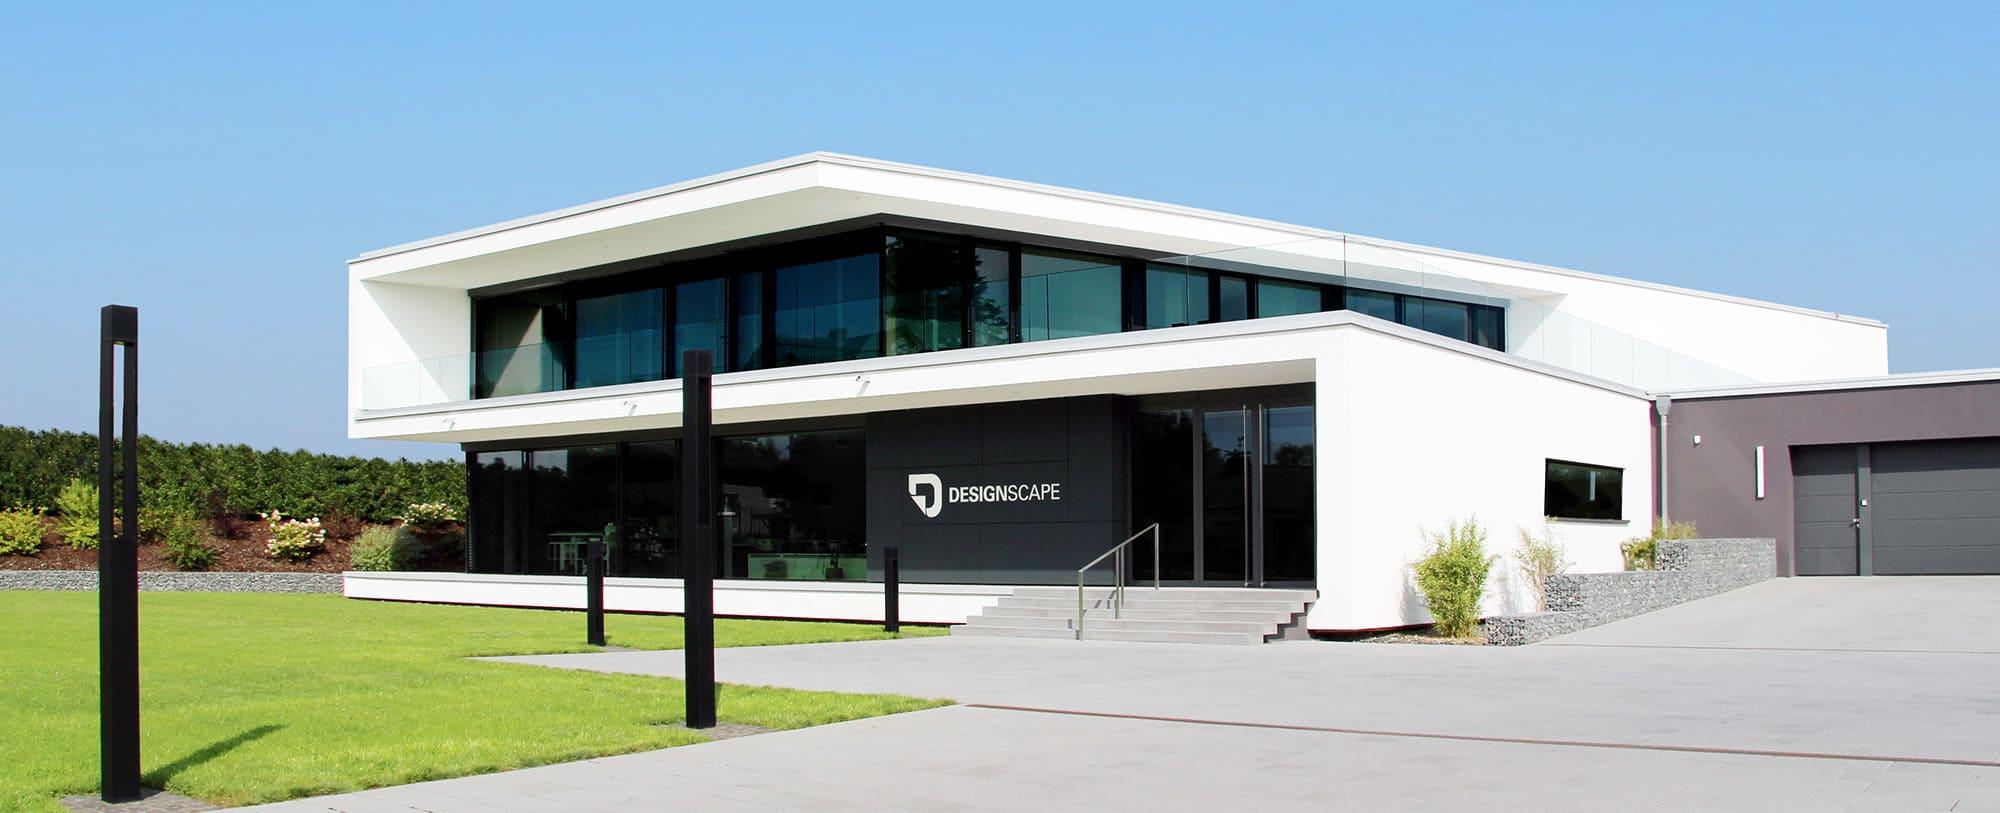 Firmengebäude von Designscape - Modernes Bürogebäude